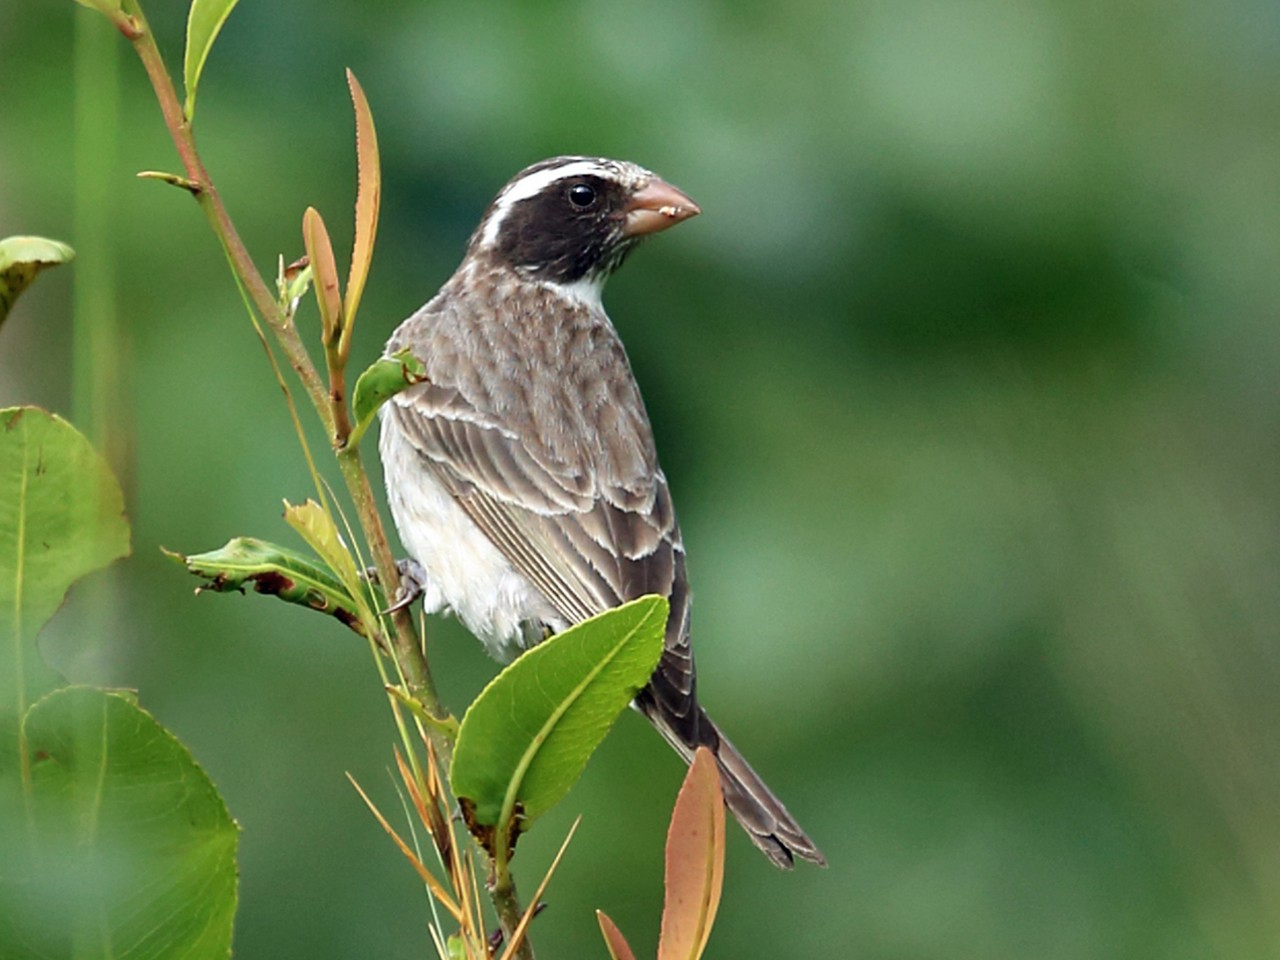 Black-eared Seedeater - Nigel Voaden